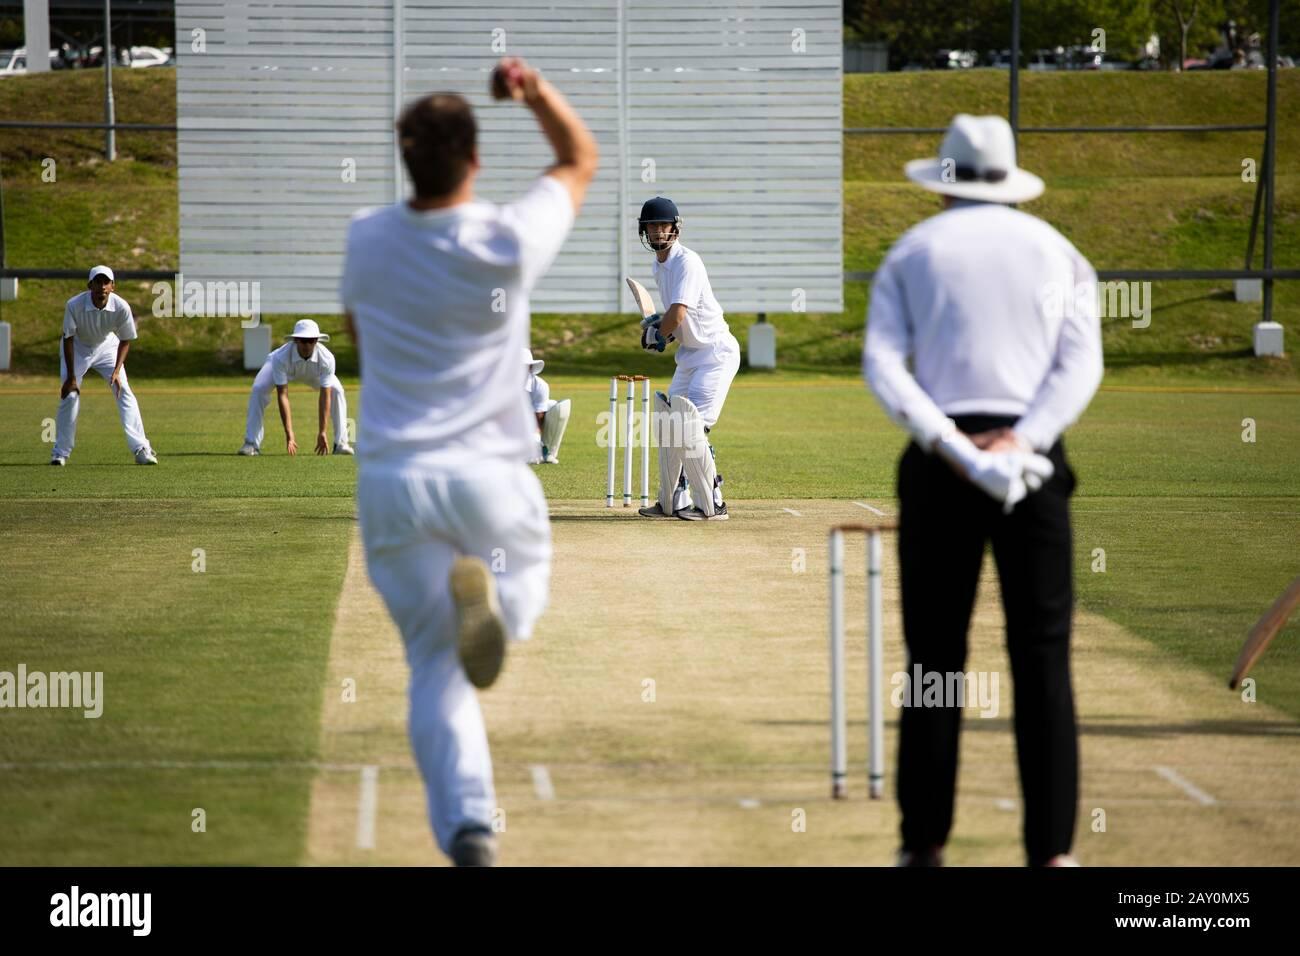 Cricket-Spieler trainieren auf dem Spielfeld Stockfoto